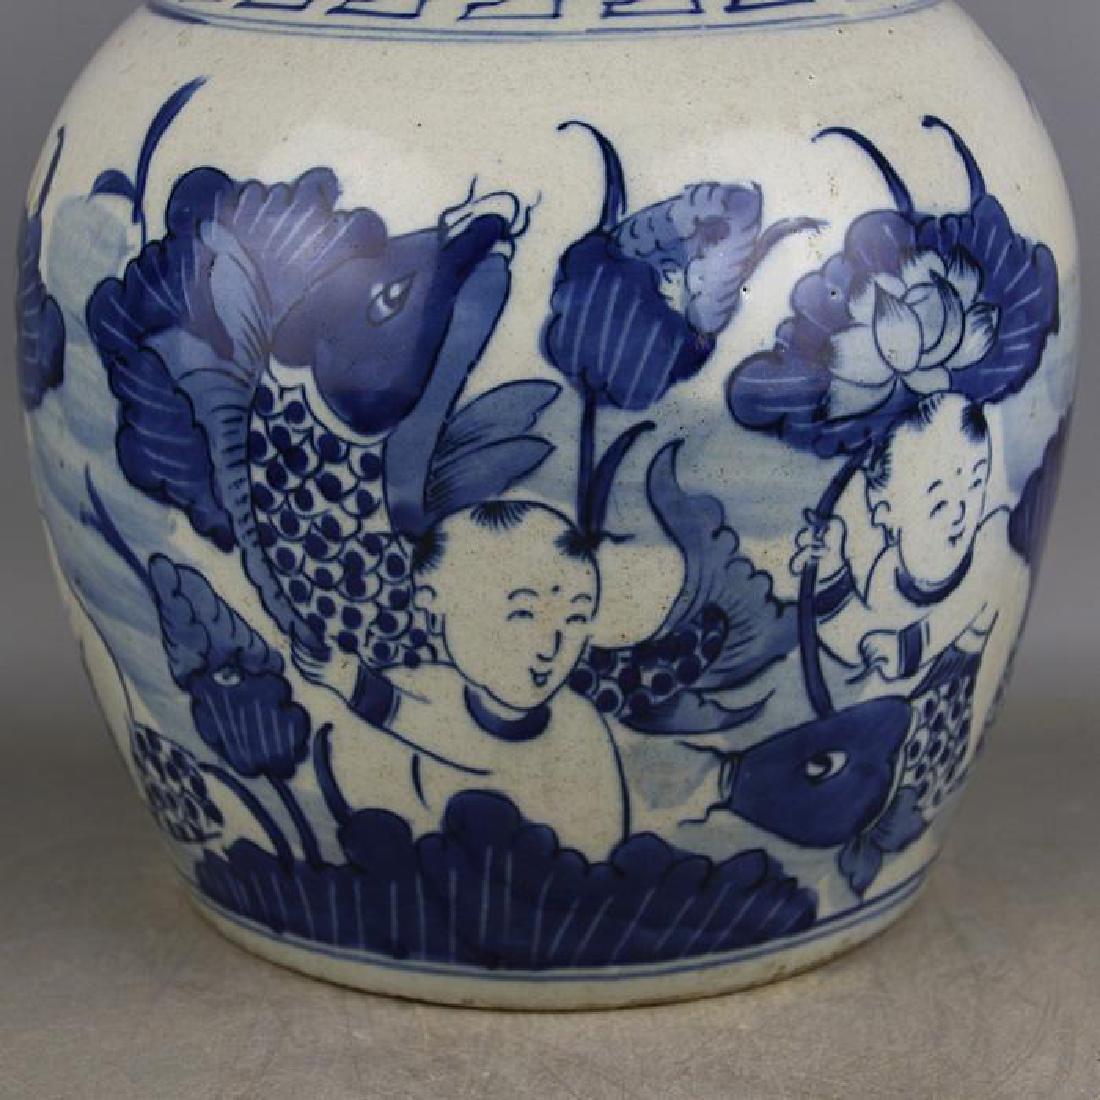 Chinese Qing Dynasty Blue & White Glazed Porcelain Ewer - 3